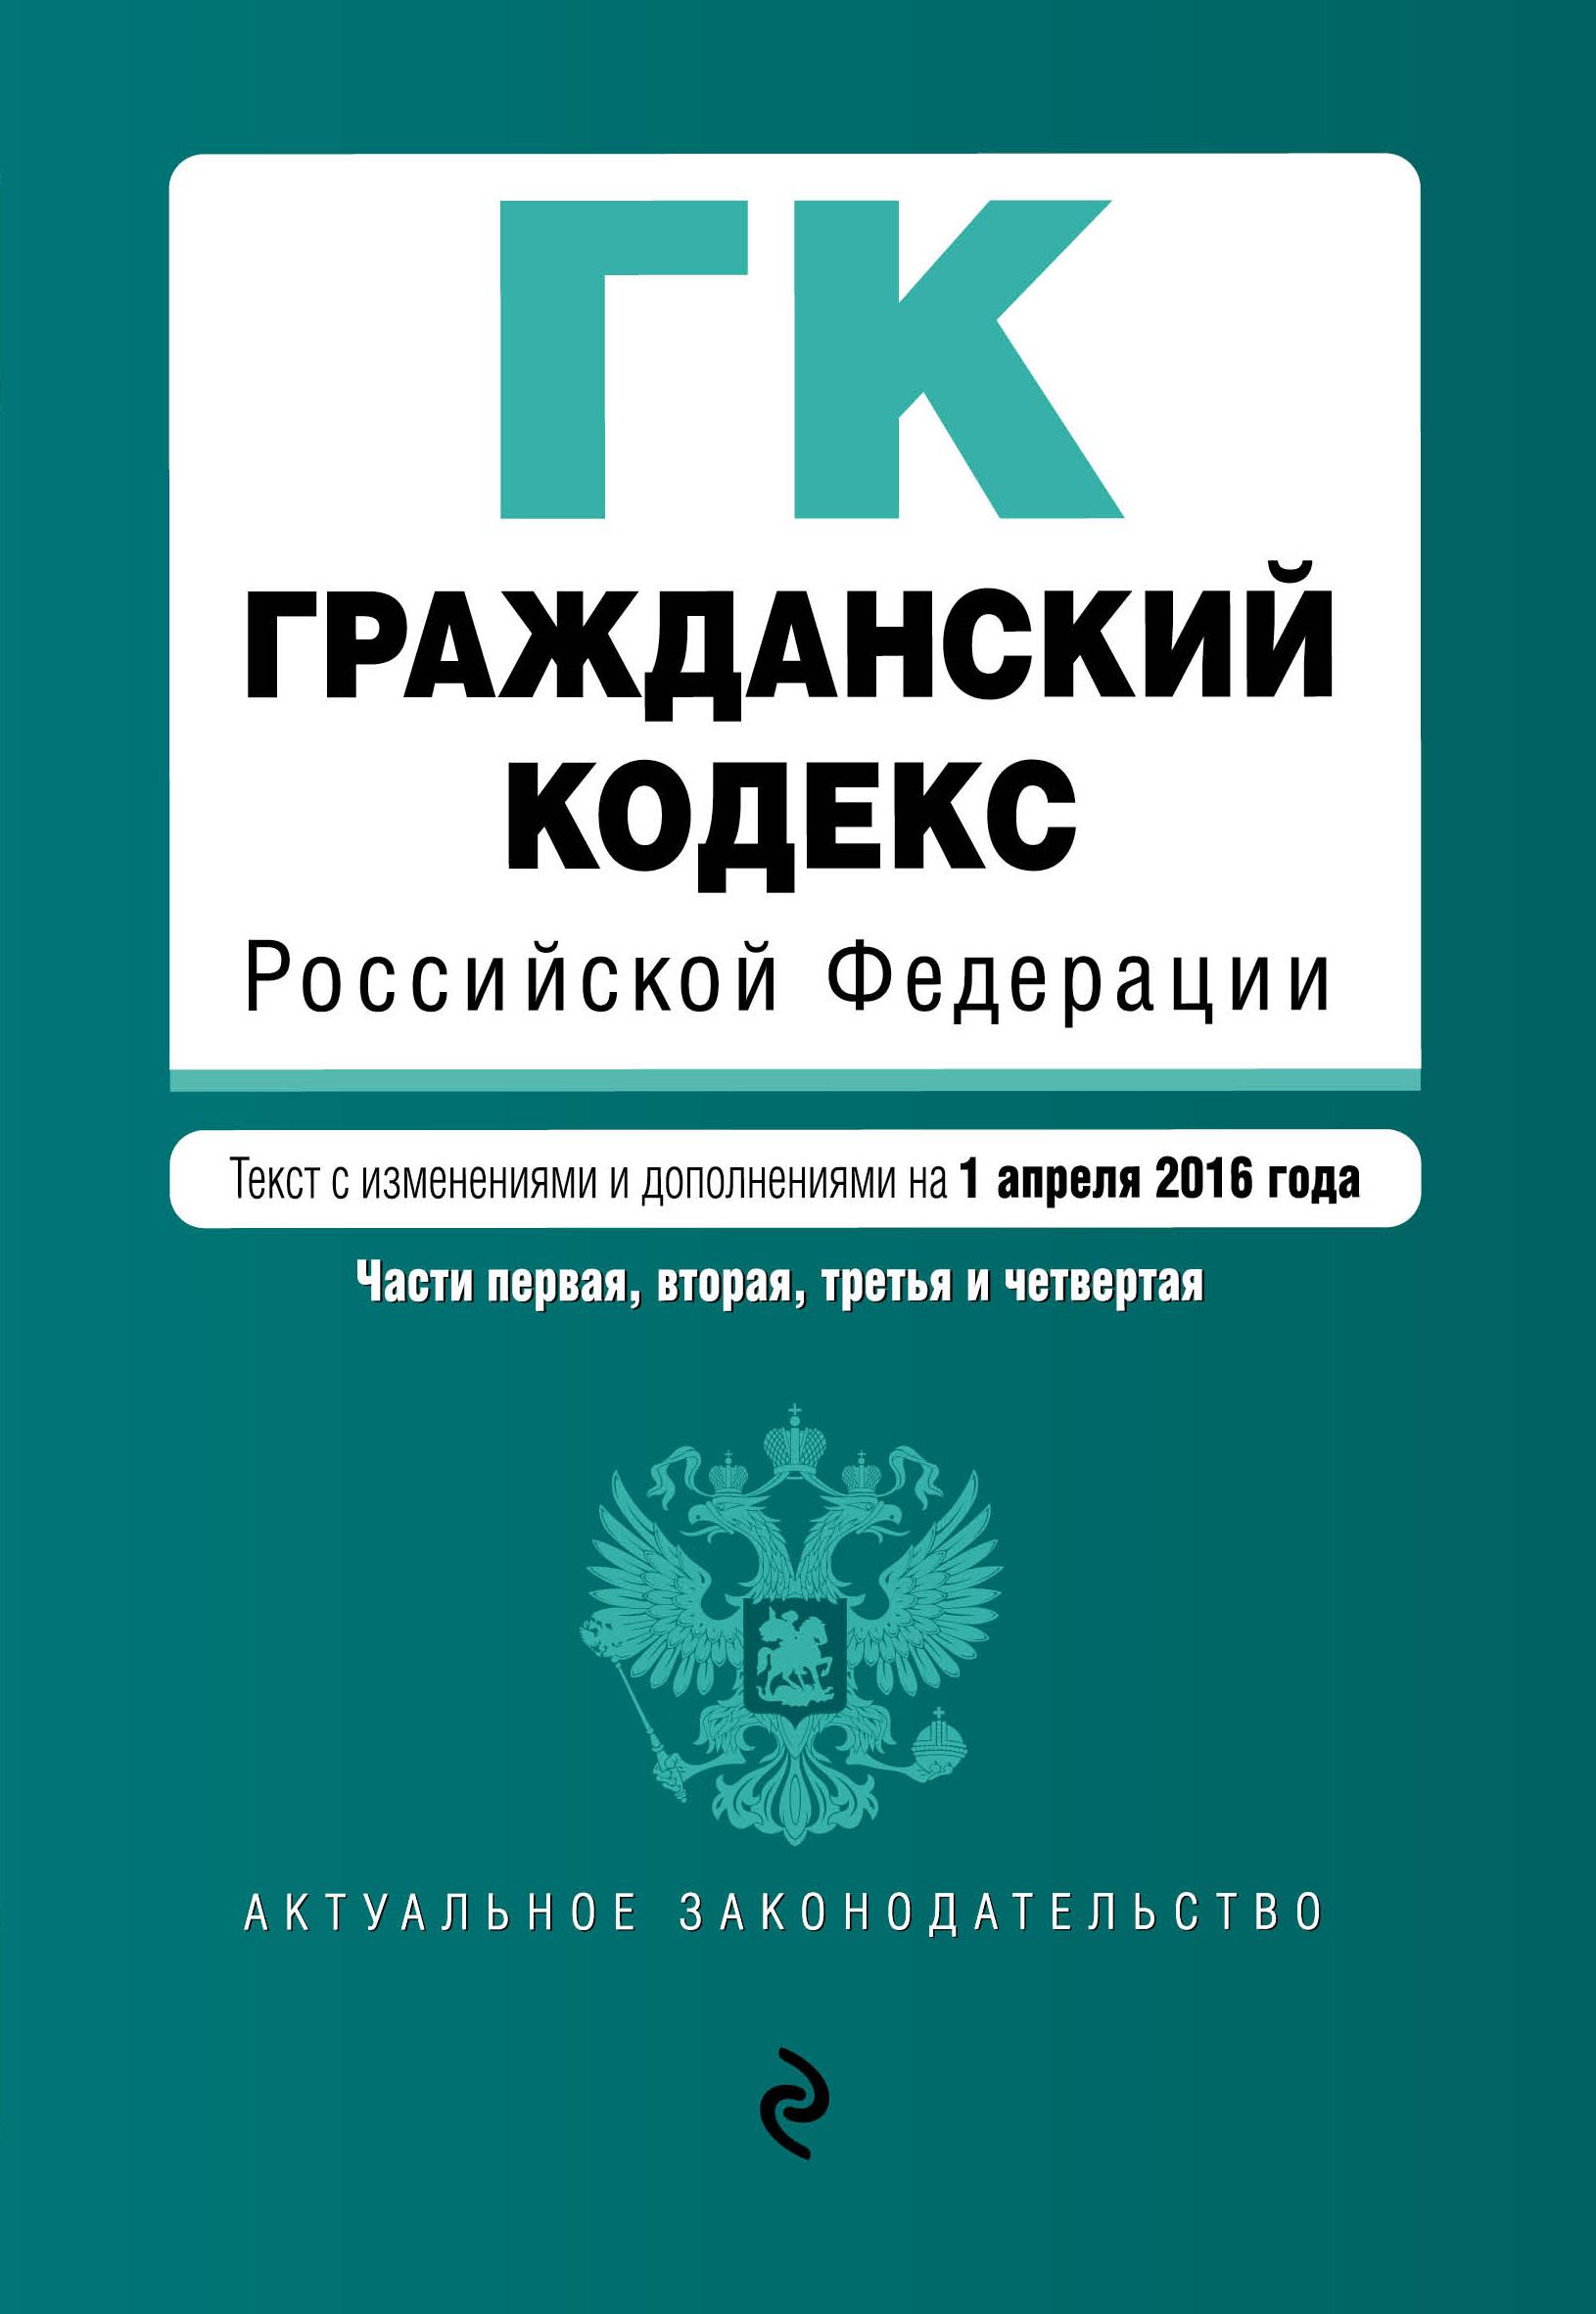 Гражданский кодекс Российской Федерации. Части 1, 2, 3 и 4 телевизор supra stv lc32t700wl